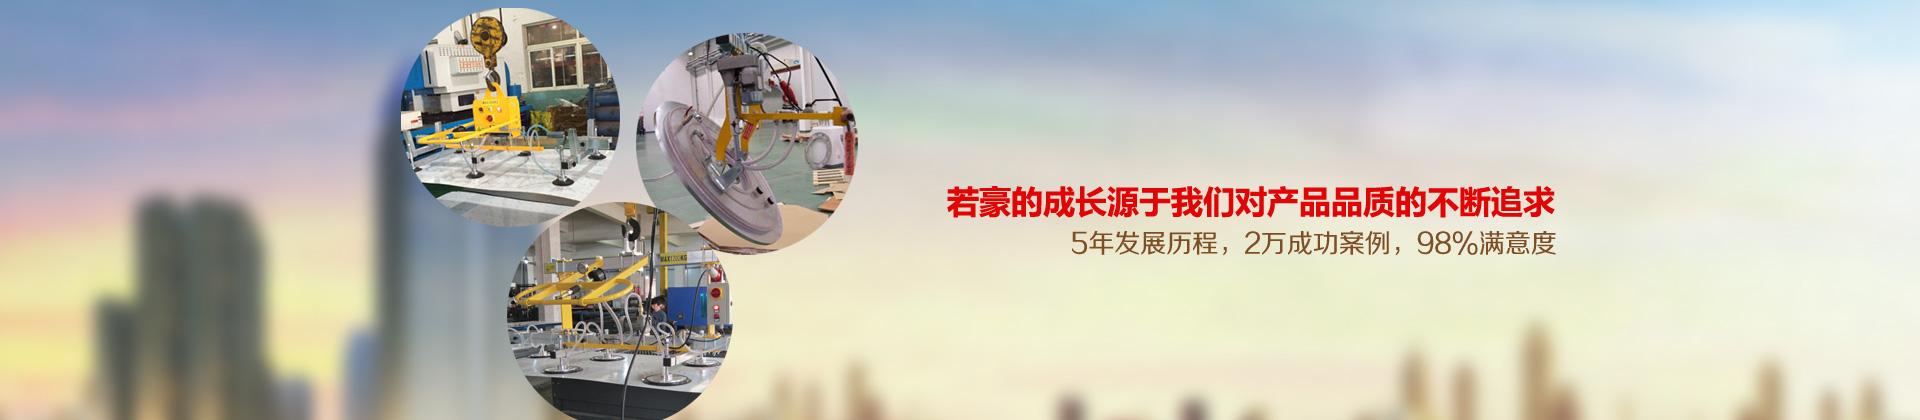 真空吸吊机,qi管吸吊机,真空吸盘吊具,卷liao搬运车选择上海jiu州dian玩真空ke技